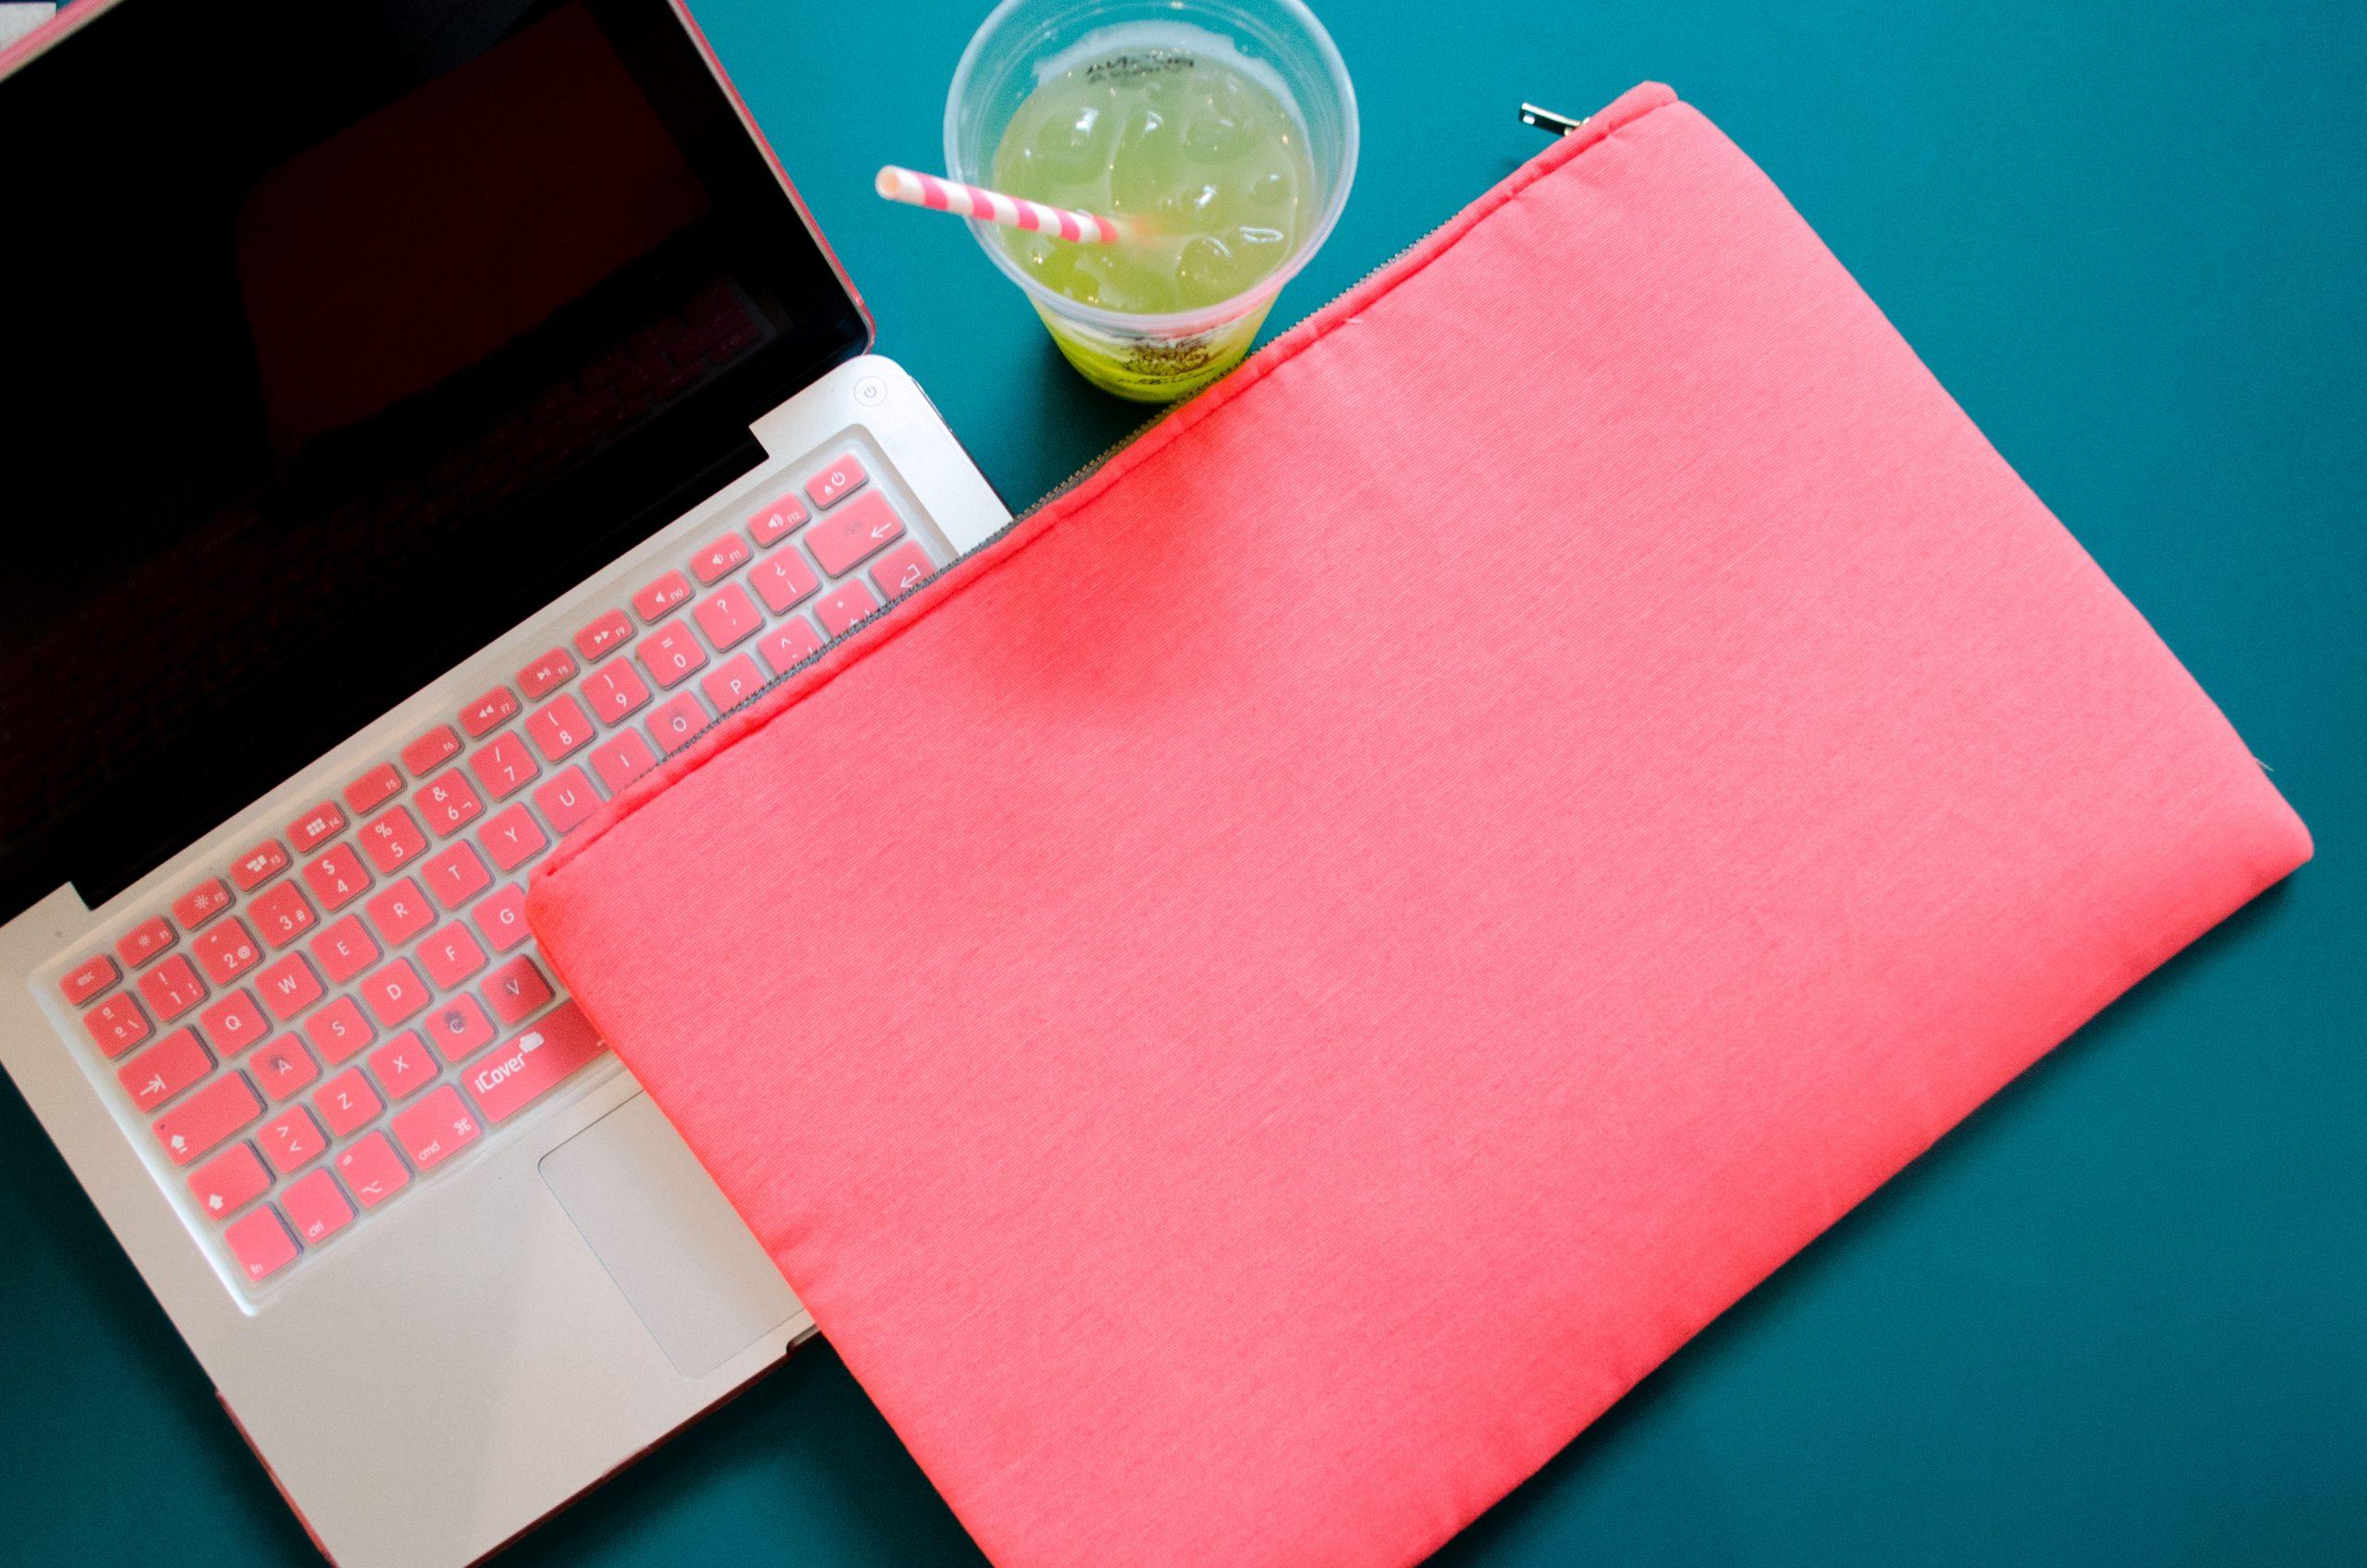 Imagem de uma capa para notebook.